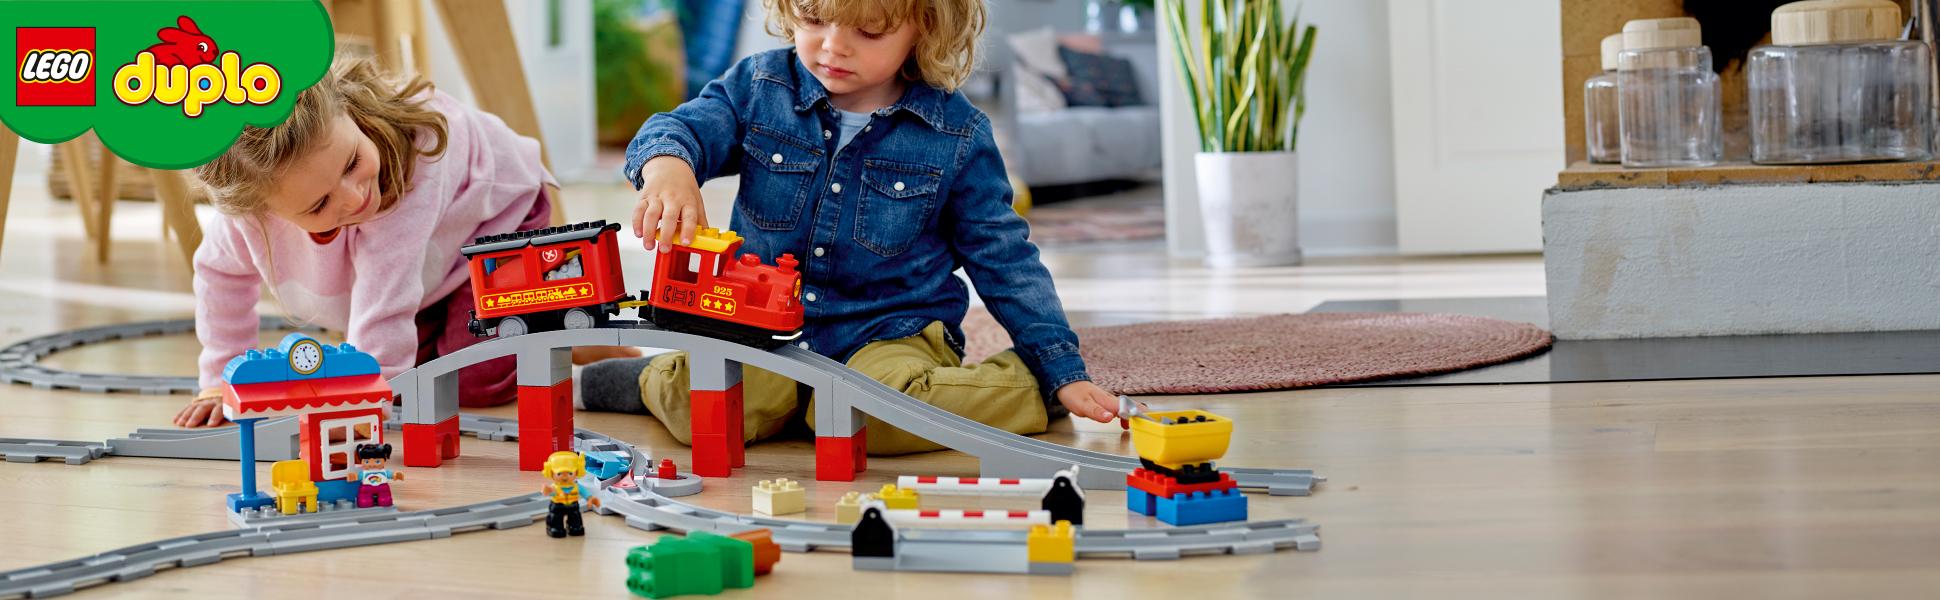 LEGO DUPLO autíčka